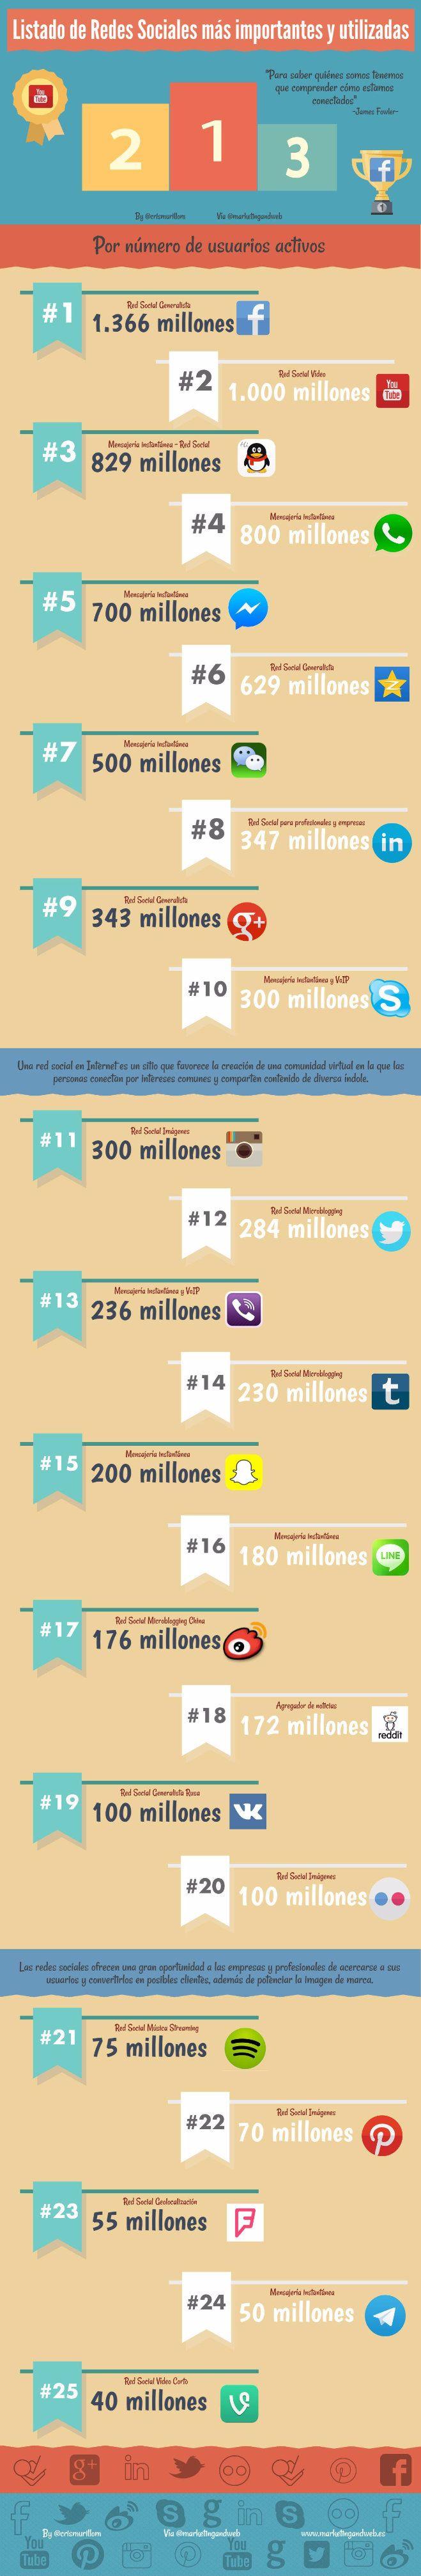 Lista de Redes Sociales más importantes y más utilizadas